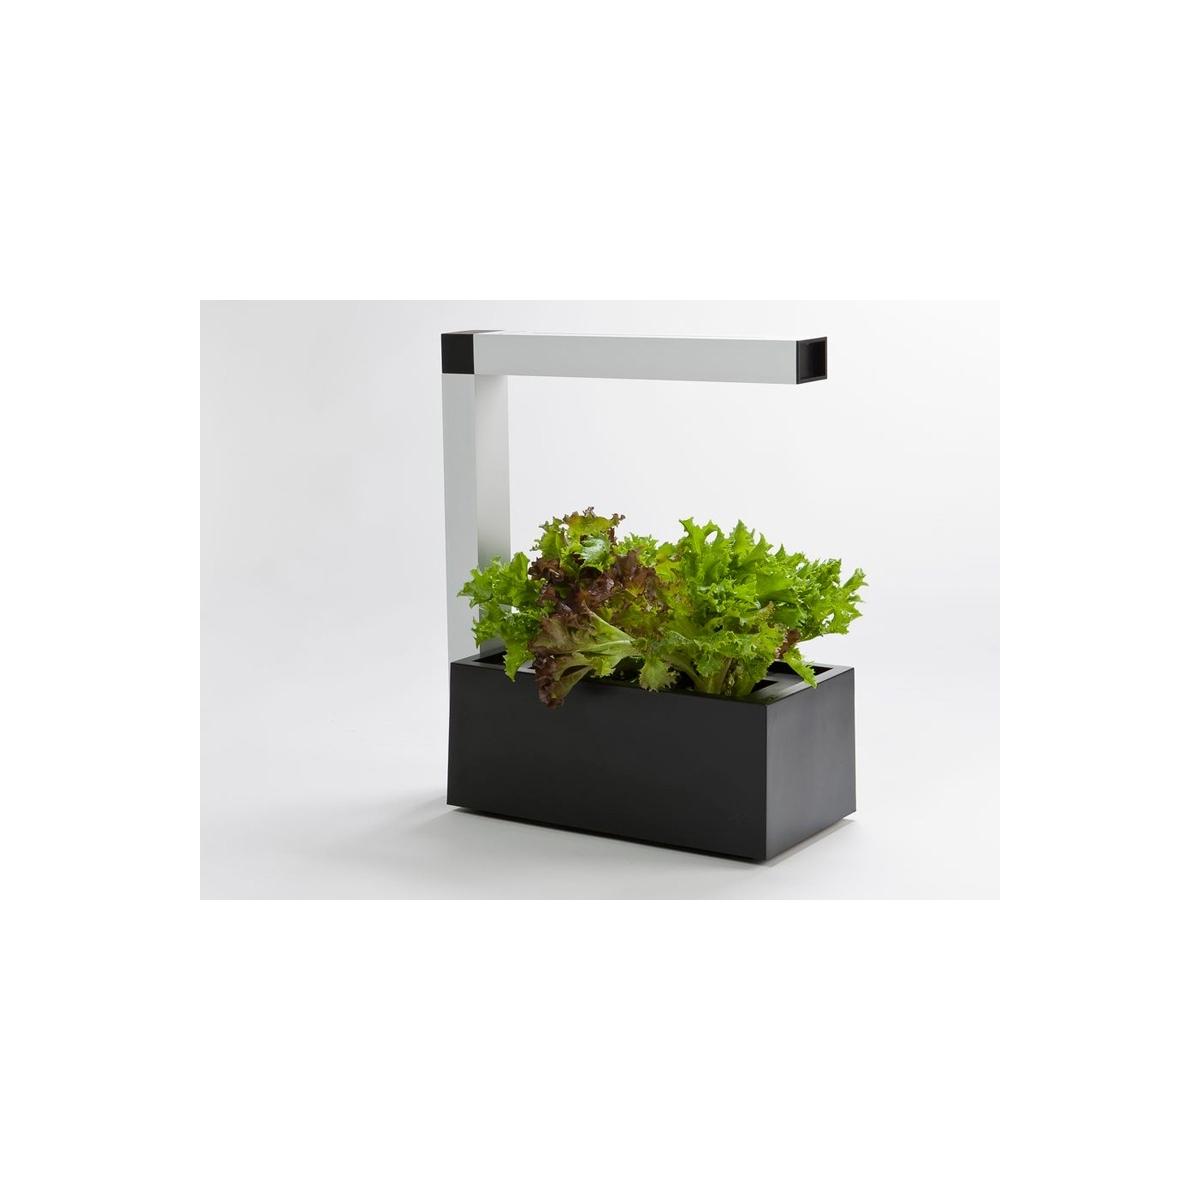 Herbie indoor garden le mini jardin d 39 int rieur noir par - Jardin hydroponique d interieur ...